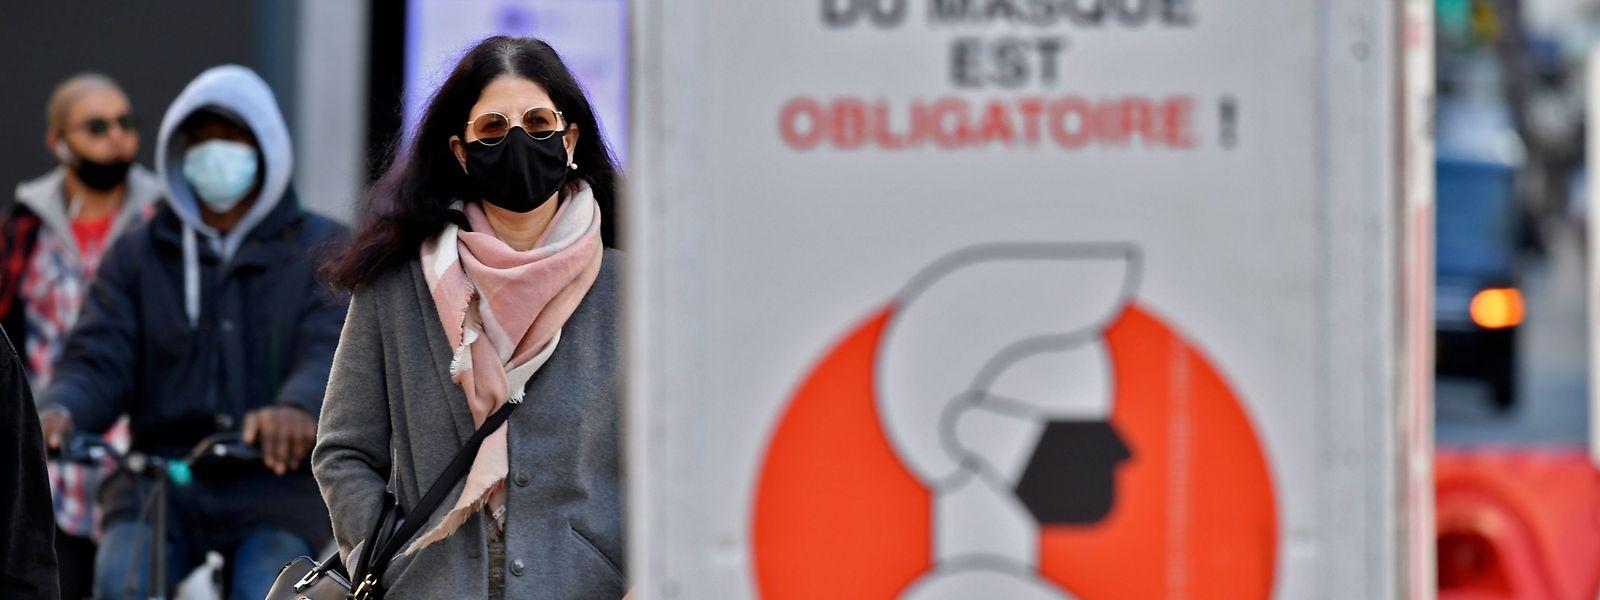 En Belgique, le déconfinement ne devrait pas intervenir avant que le nombre de contaminations ne dégringole jusqu'à 50 par jour.